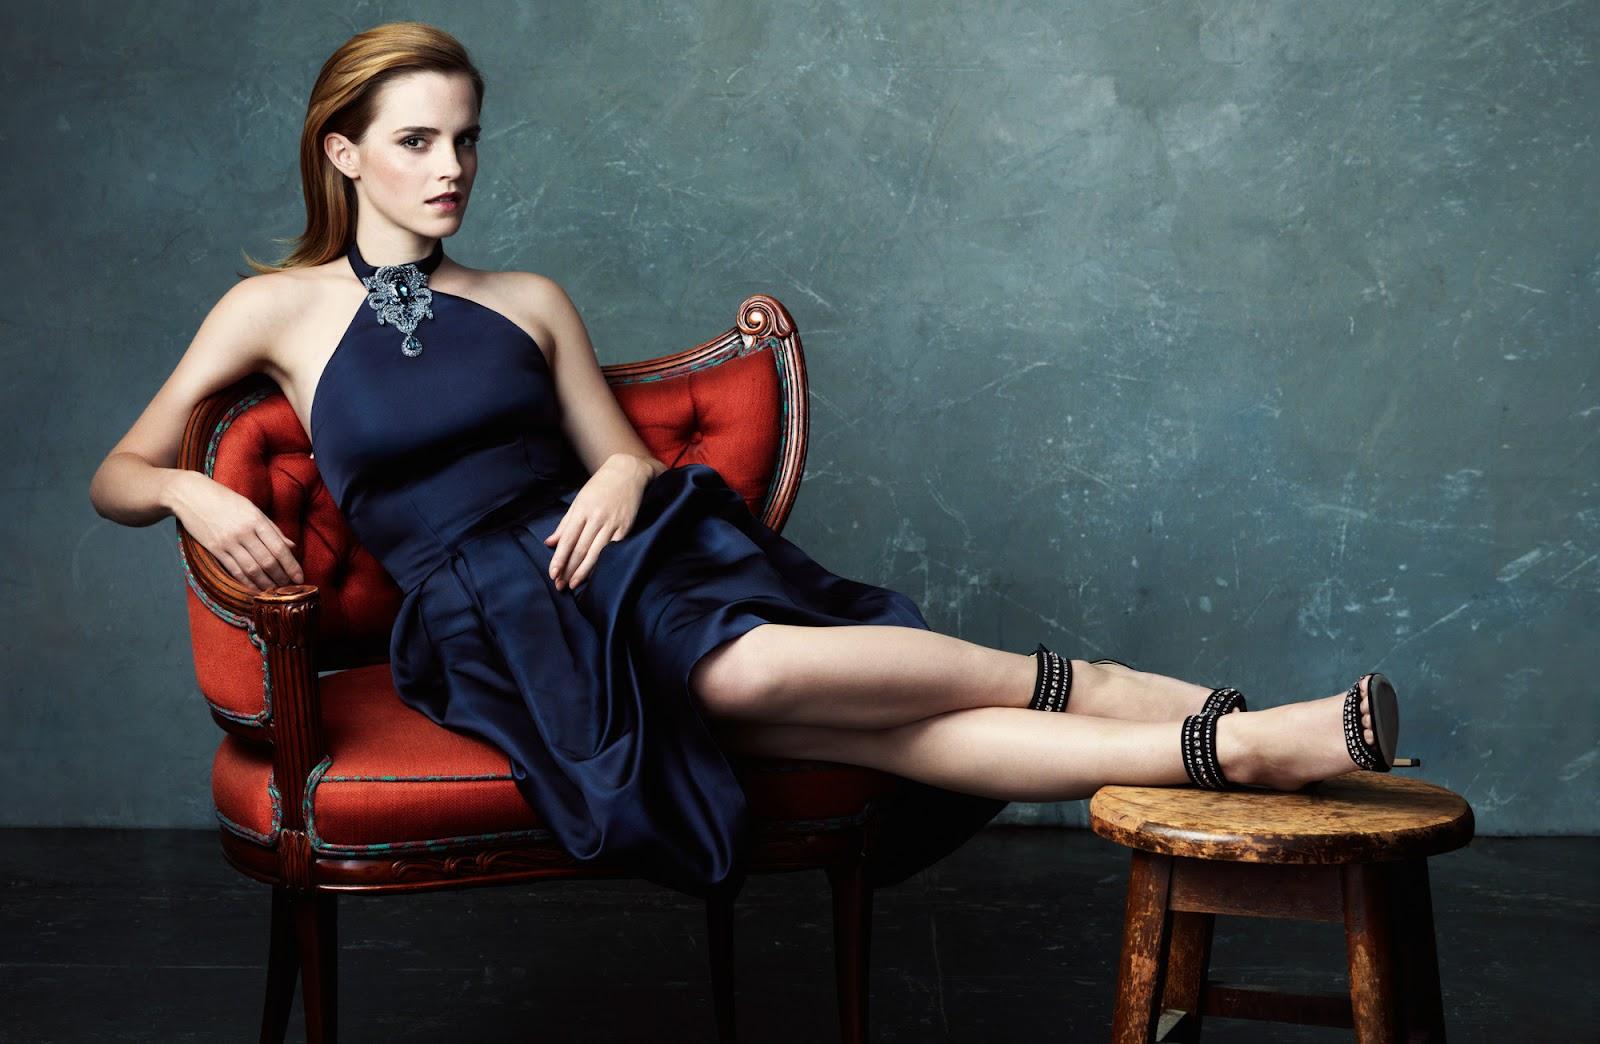 Emma Watson hotness